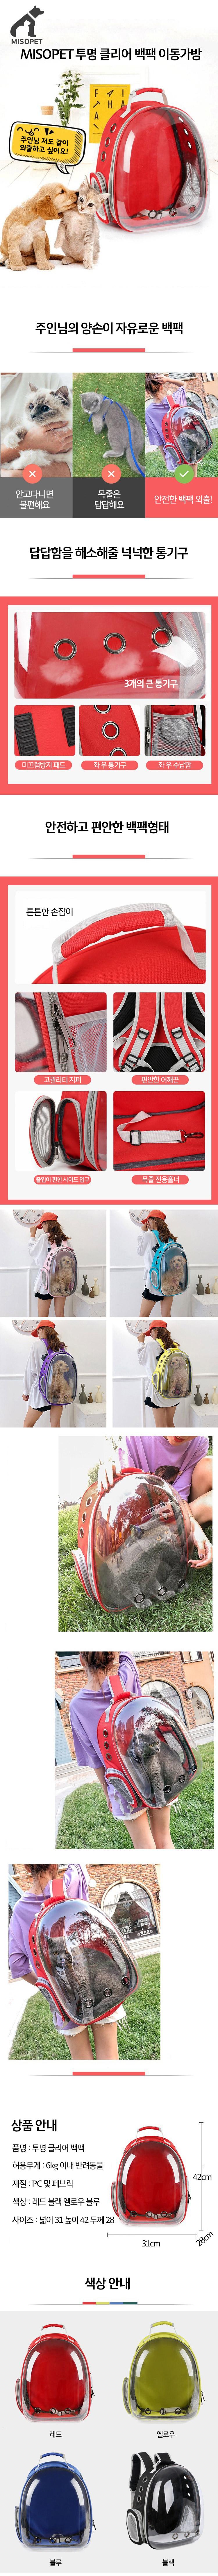 미소펫 반려동물 투명 클리어 우주선 백팩 이동 가방 캐리어 강아지 고양이 - 미소펫, 20,500원, 이동장/리드줄/야외용품, 이동가방